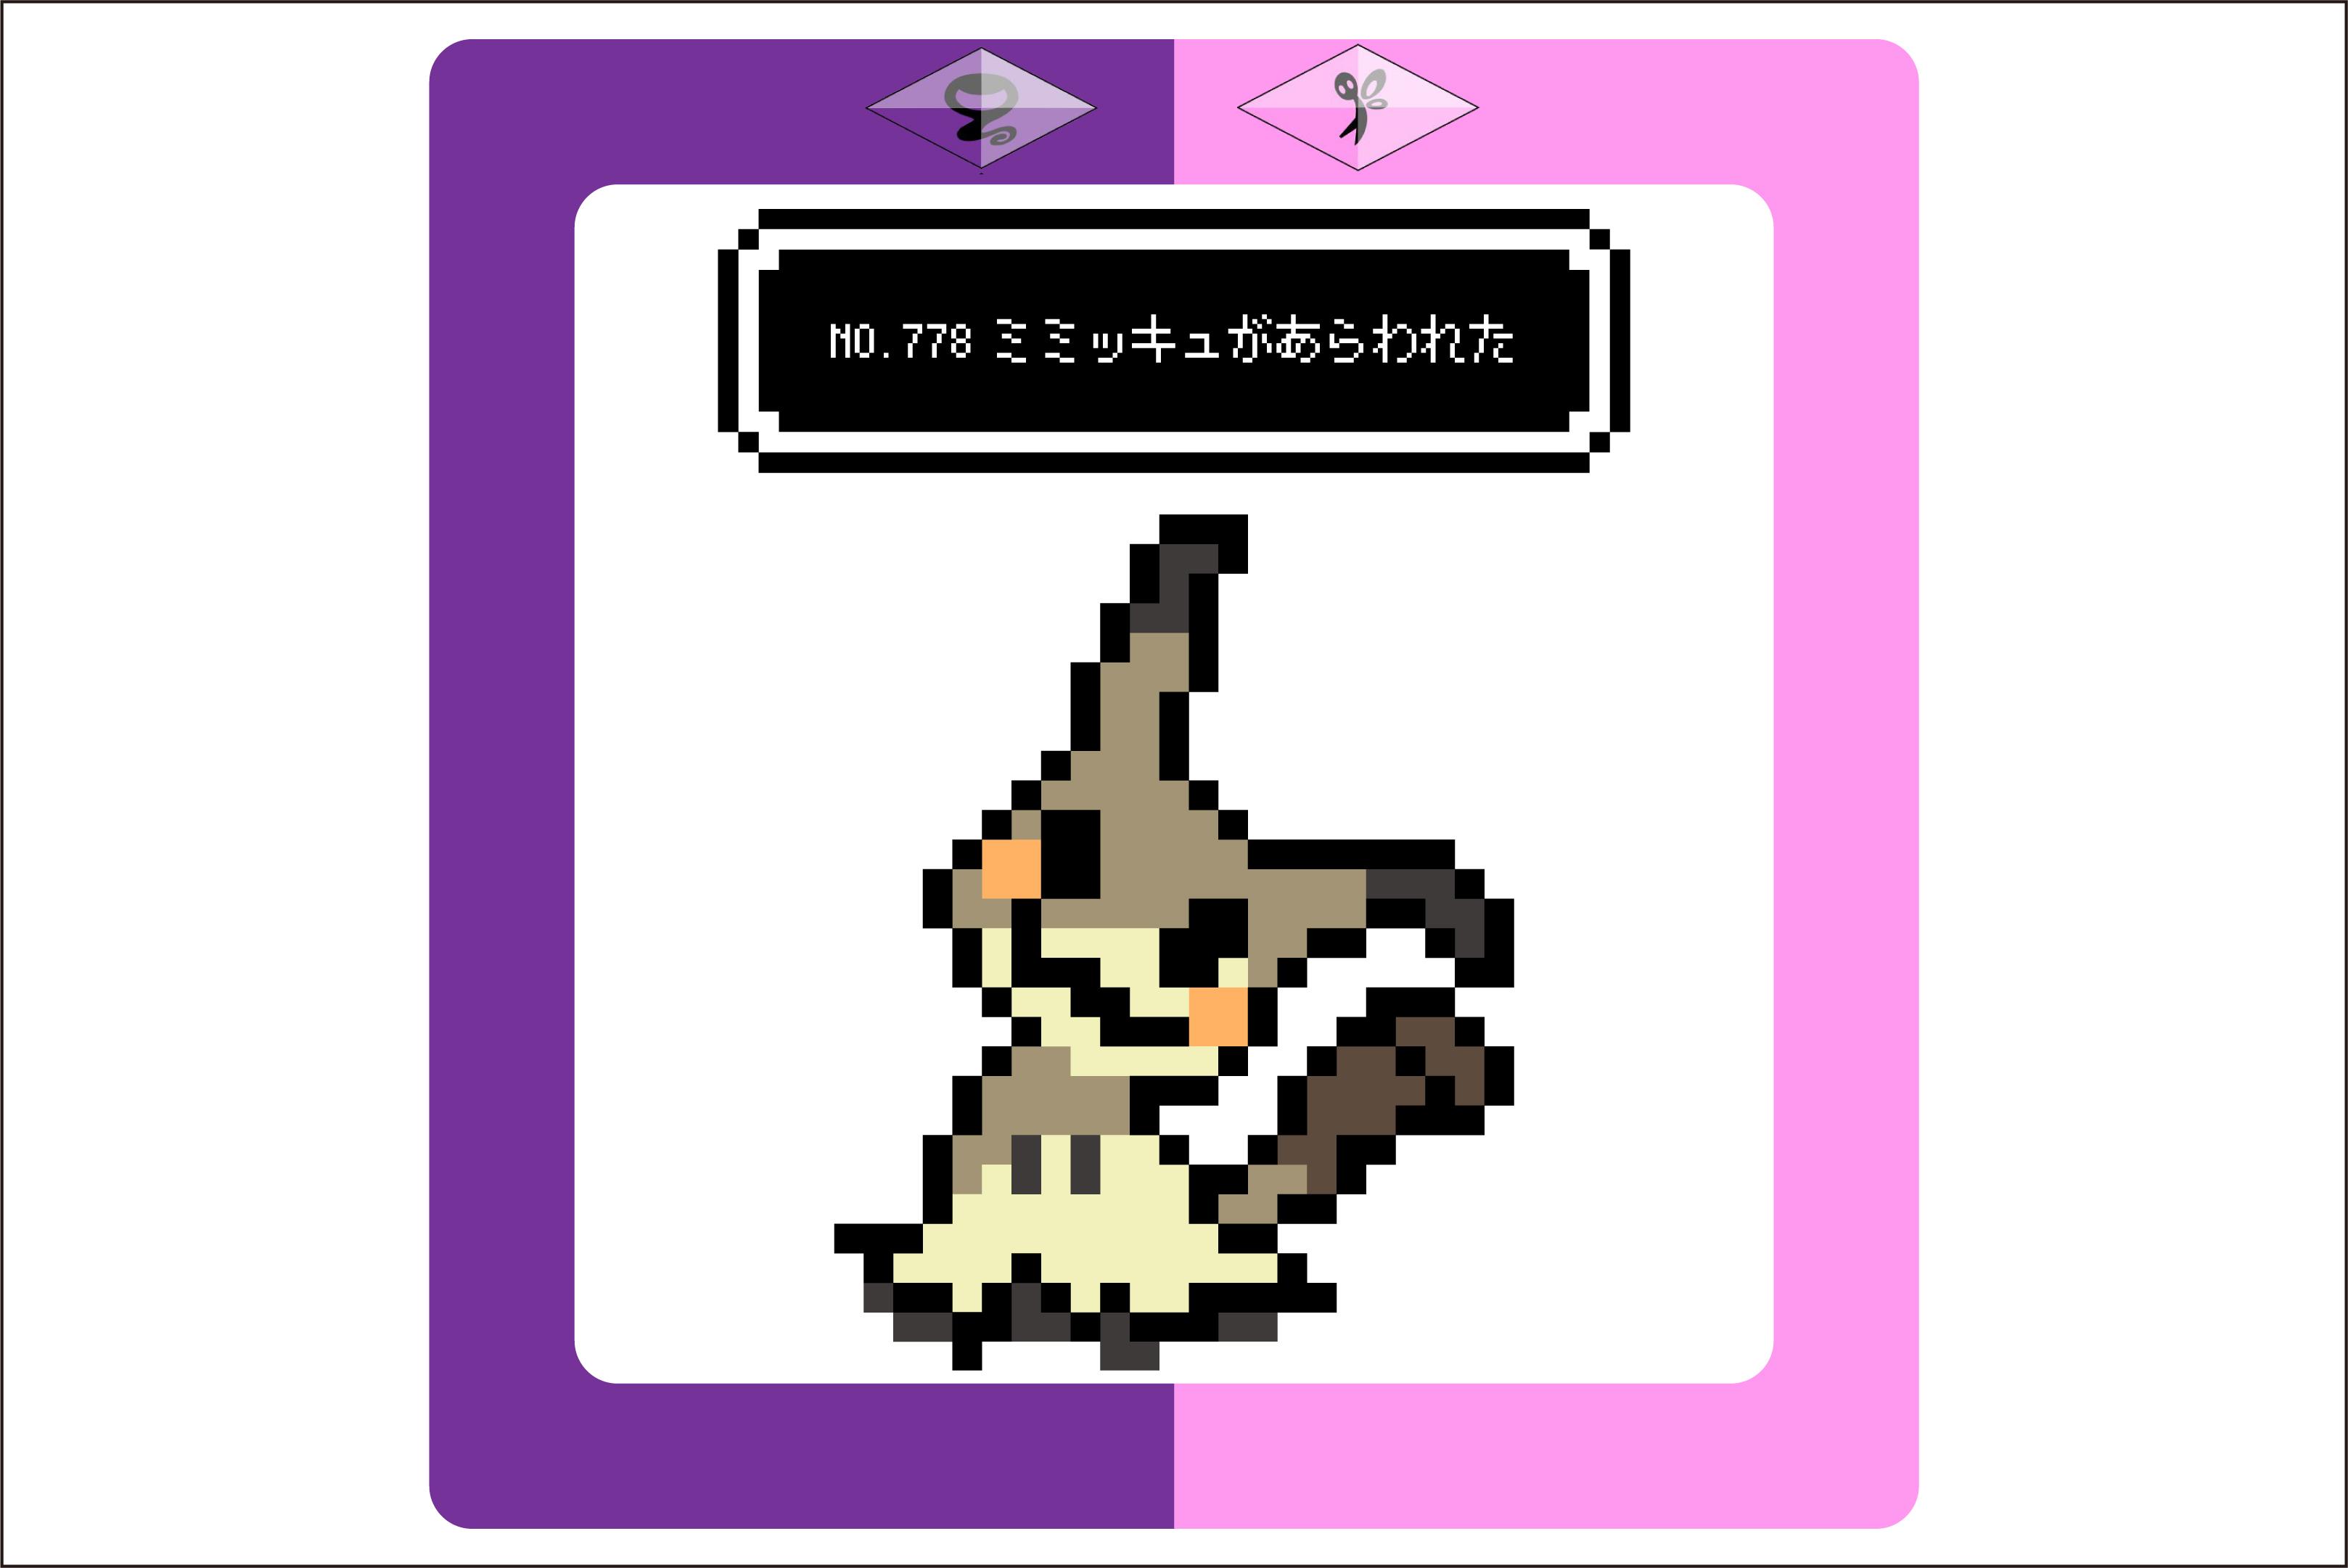 【ポケモン】サン&ムーン・ミミッキュ(ばけたすがた)のアイロンビーズ図案